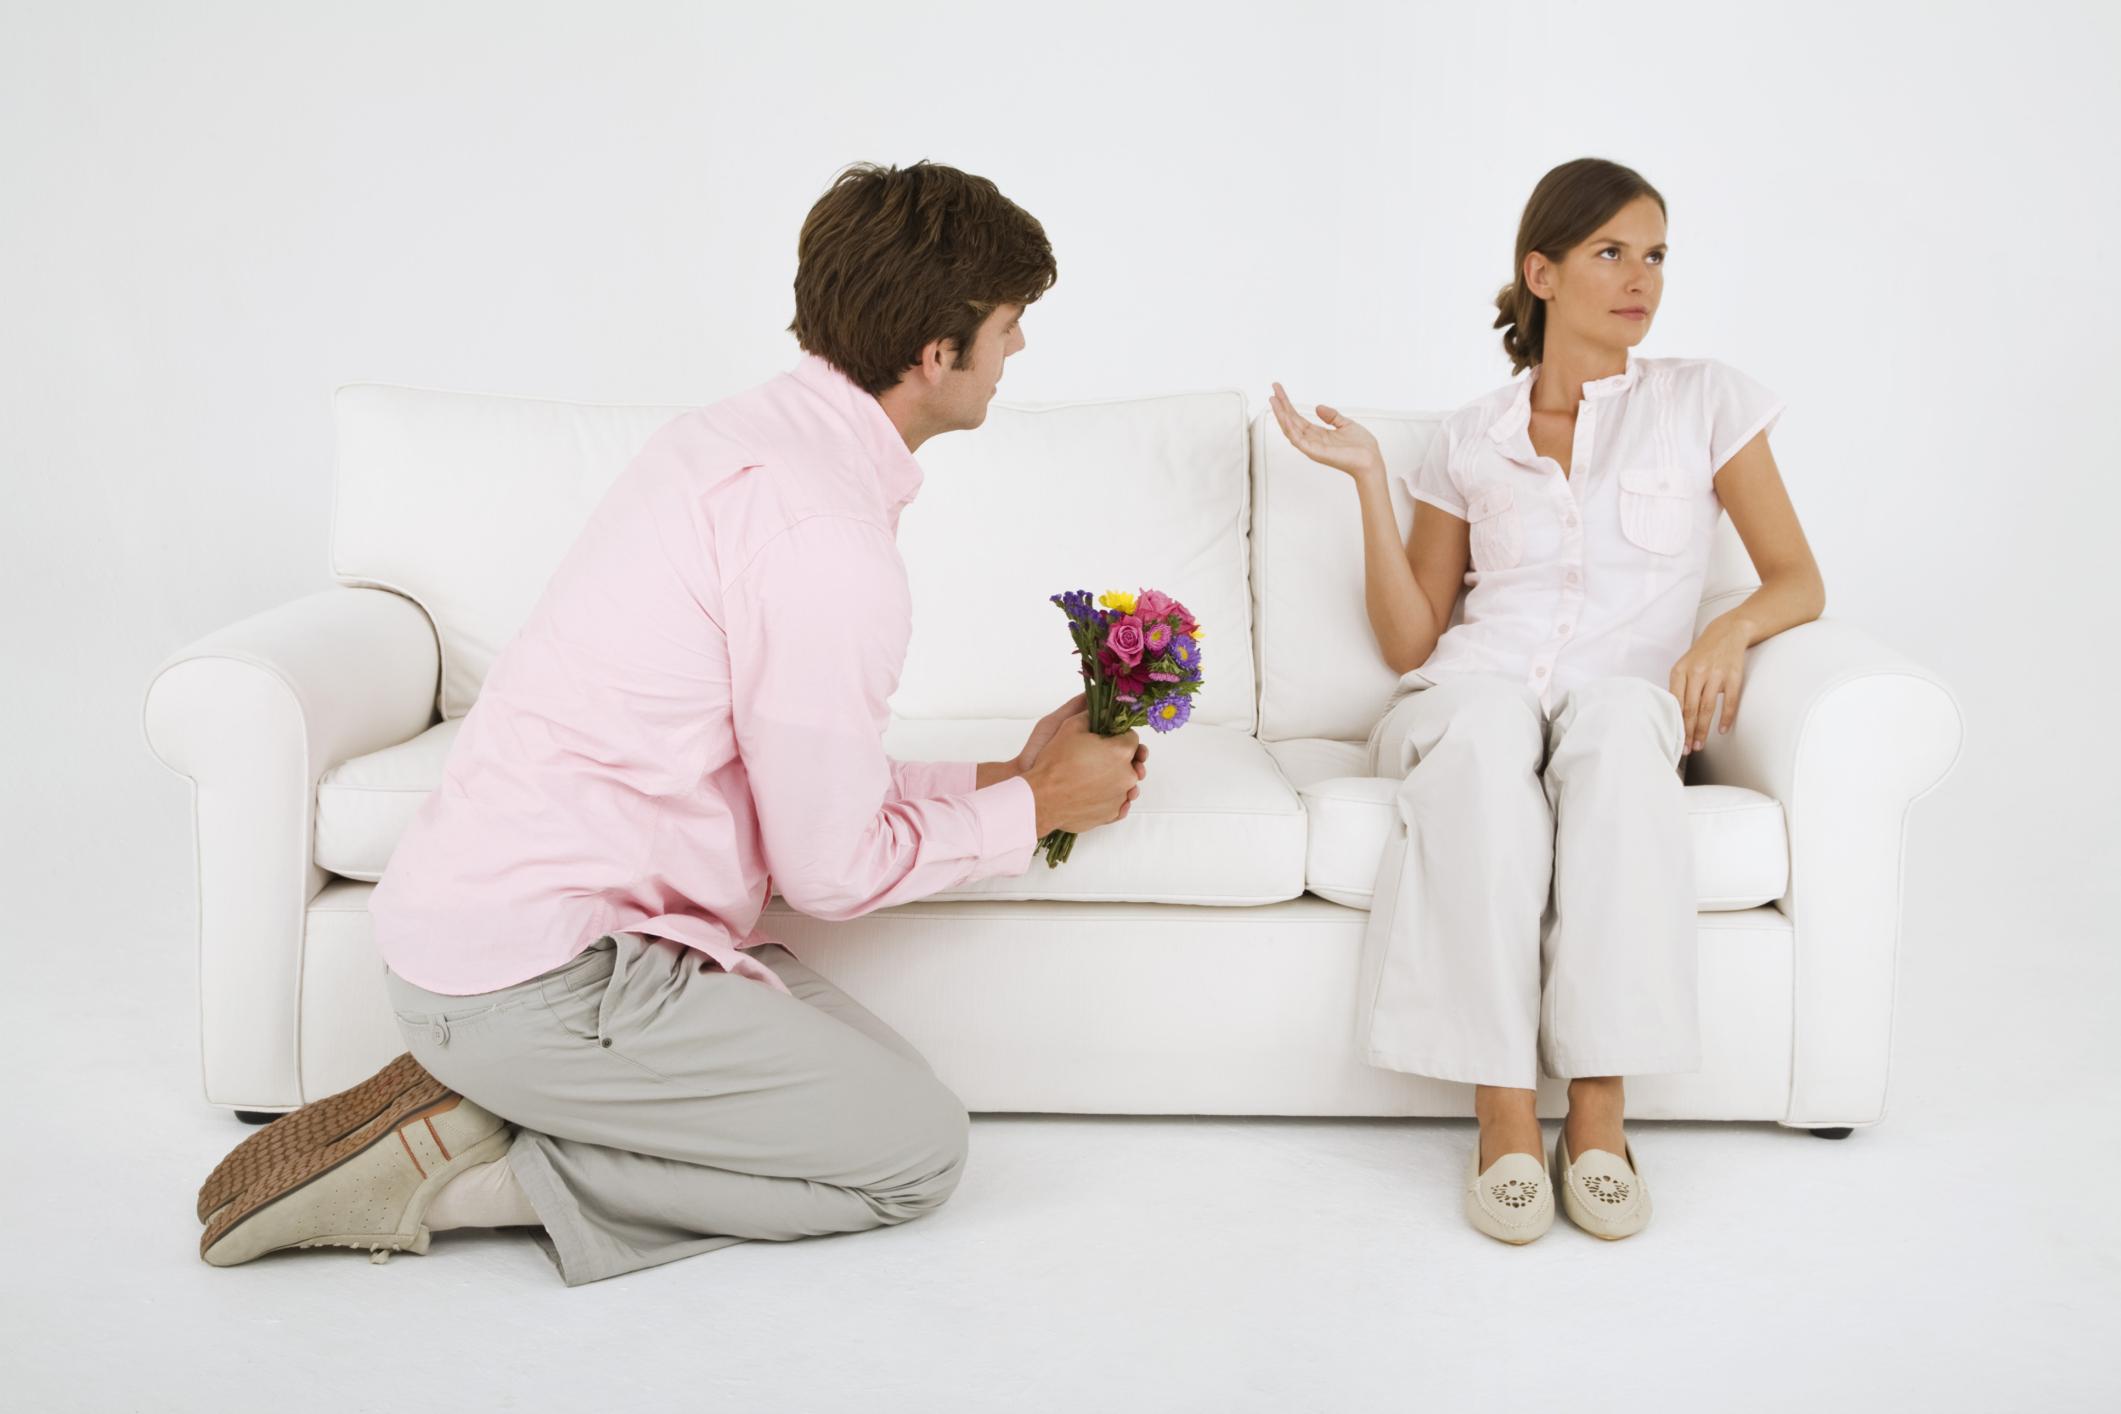 Заговор от любовника жены: как читать - Заговор мага 37